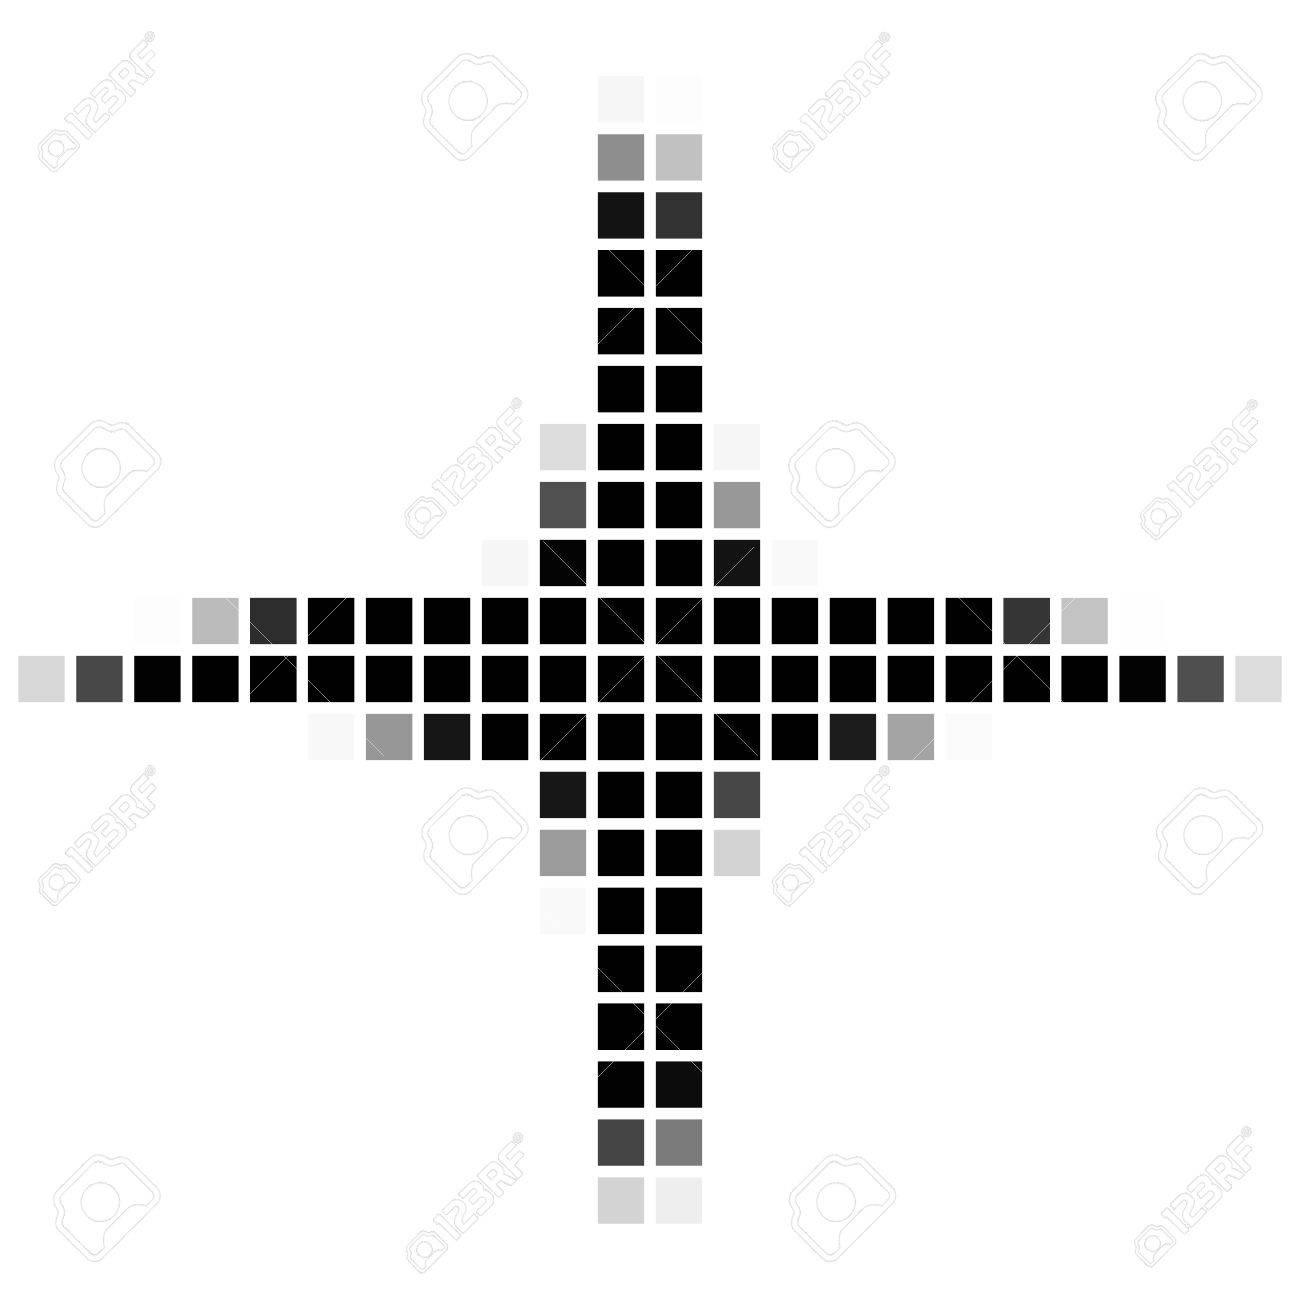 De Cuatro Estrellas Y Caras. El Patrón Geométrica Simple De ...